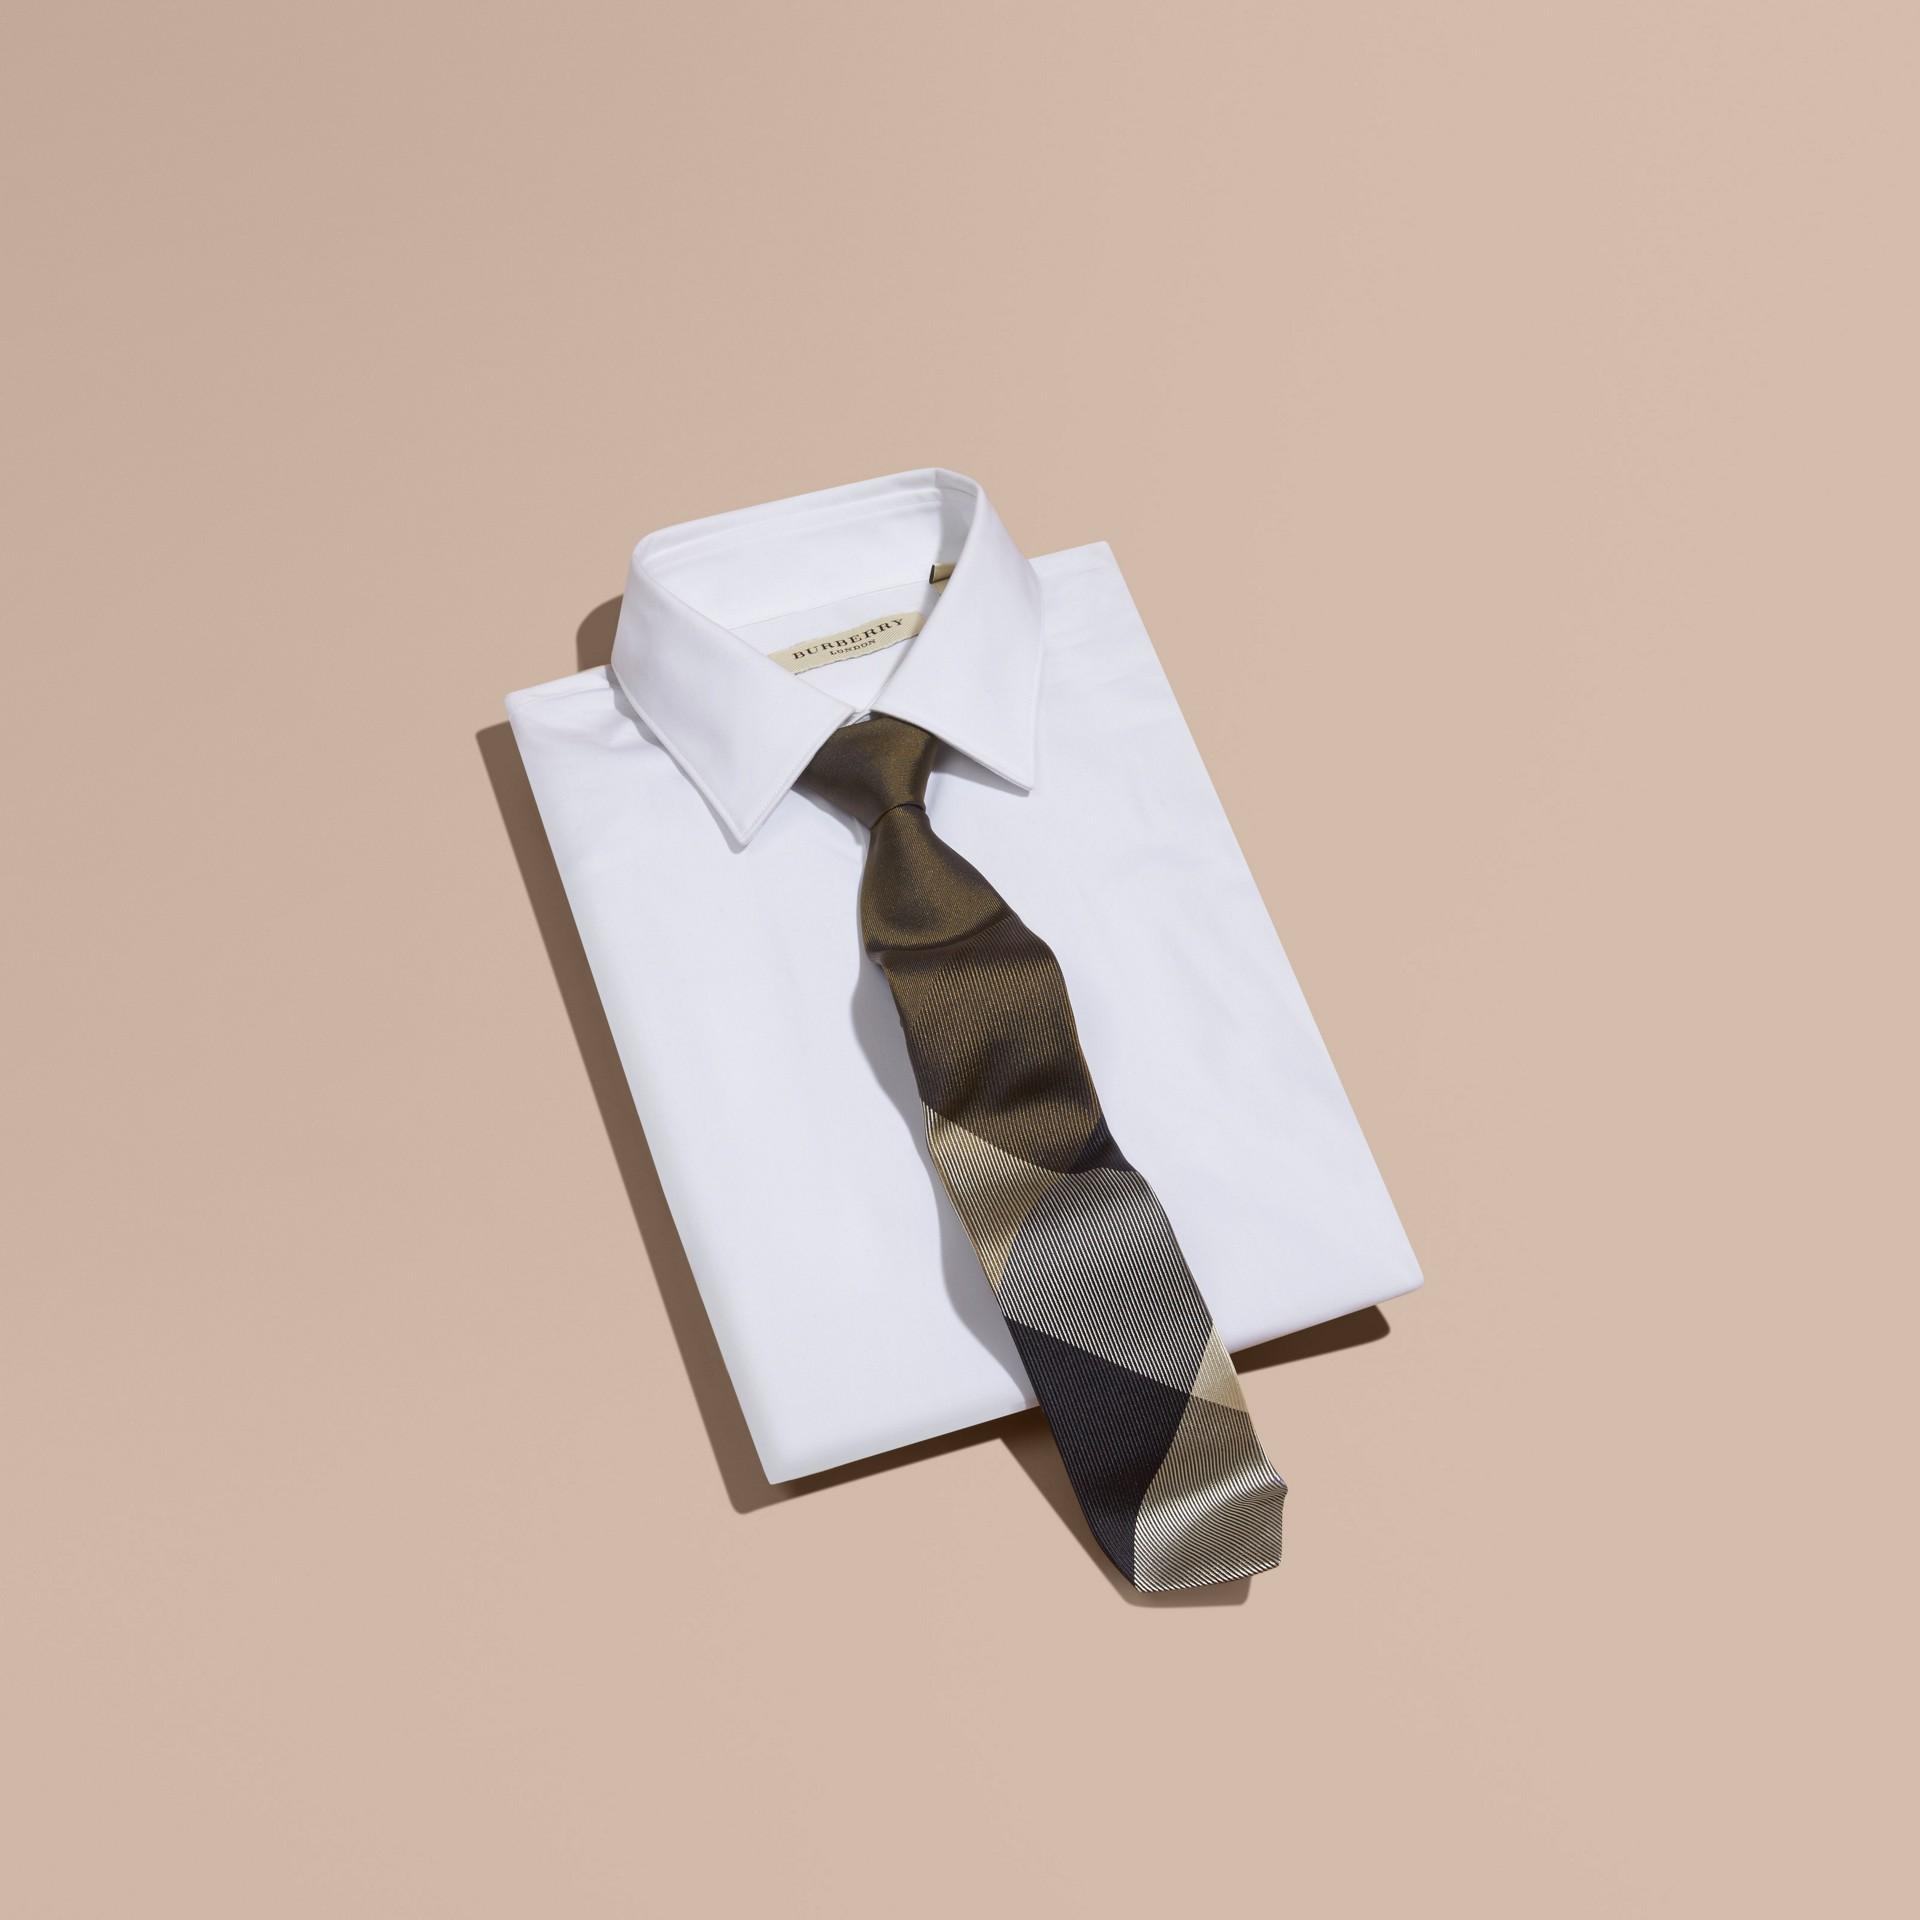 橄欖綠 現代剪裁格紋提花絲質領帶 橄欖綠 - 圖庫照片 3